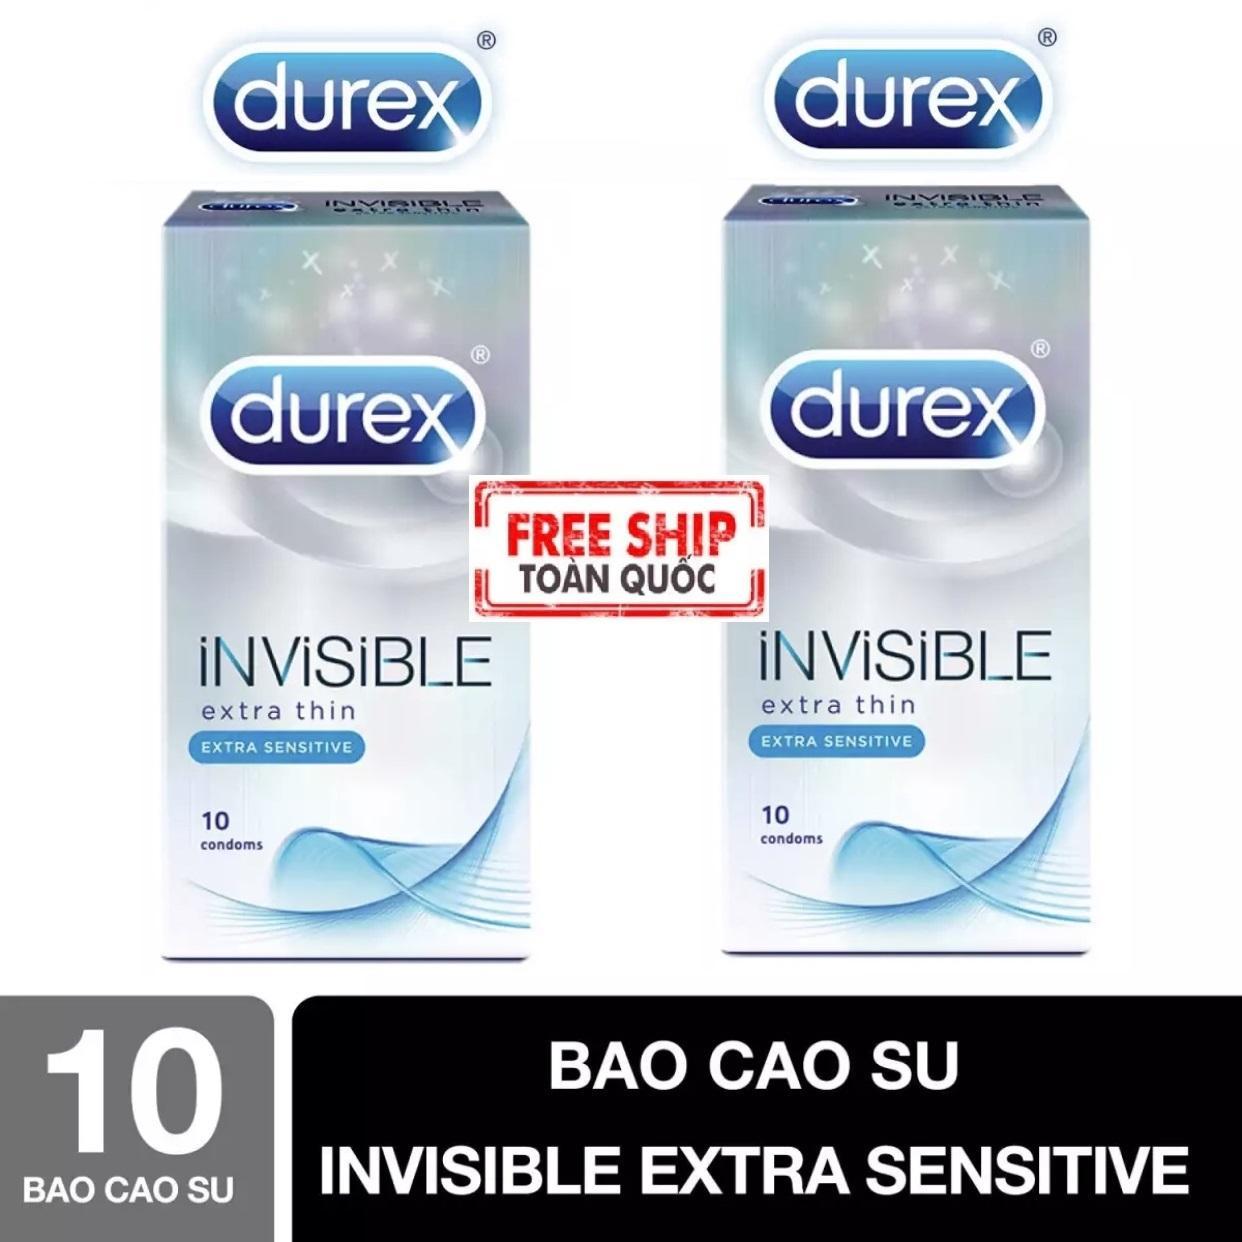 [MUA 1 TẶNG 1] Bao Cao Su Durex Invisible Extra Thin siêu mỏng kéo dài thời gian quan hệ [che tên sản phẩm] nhập khẩu